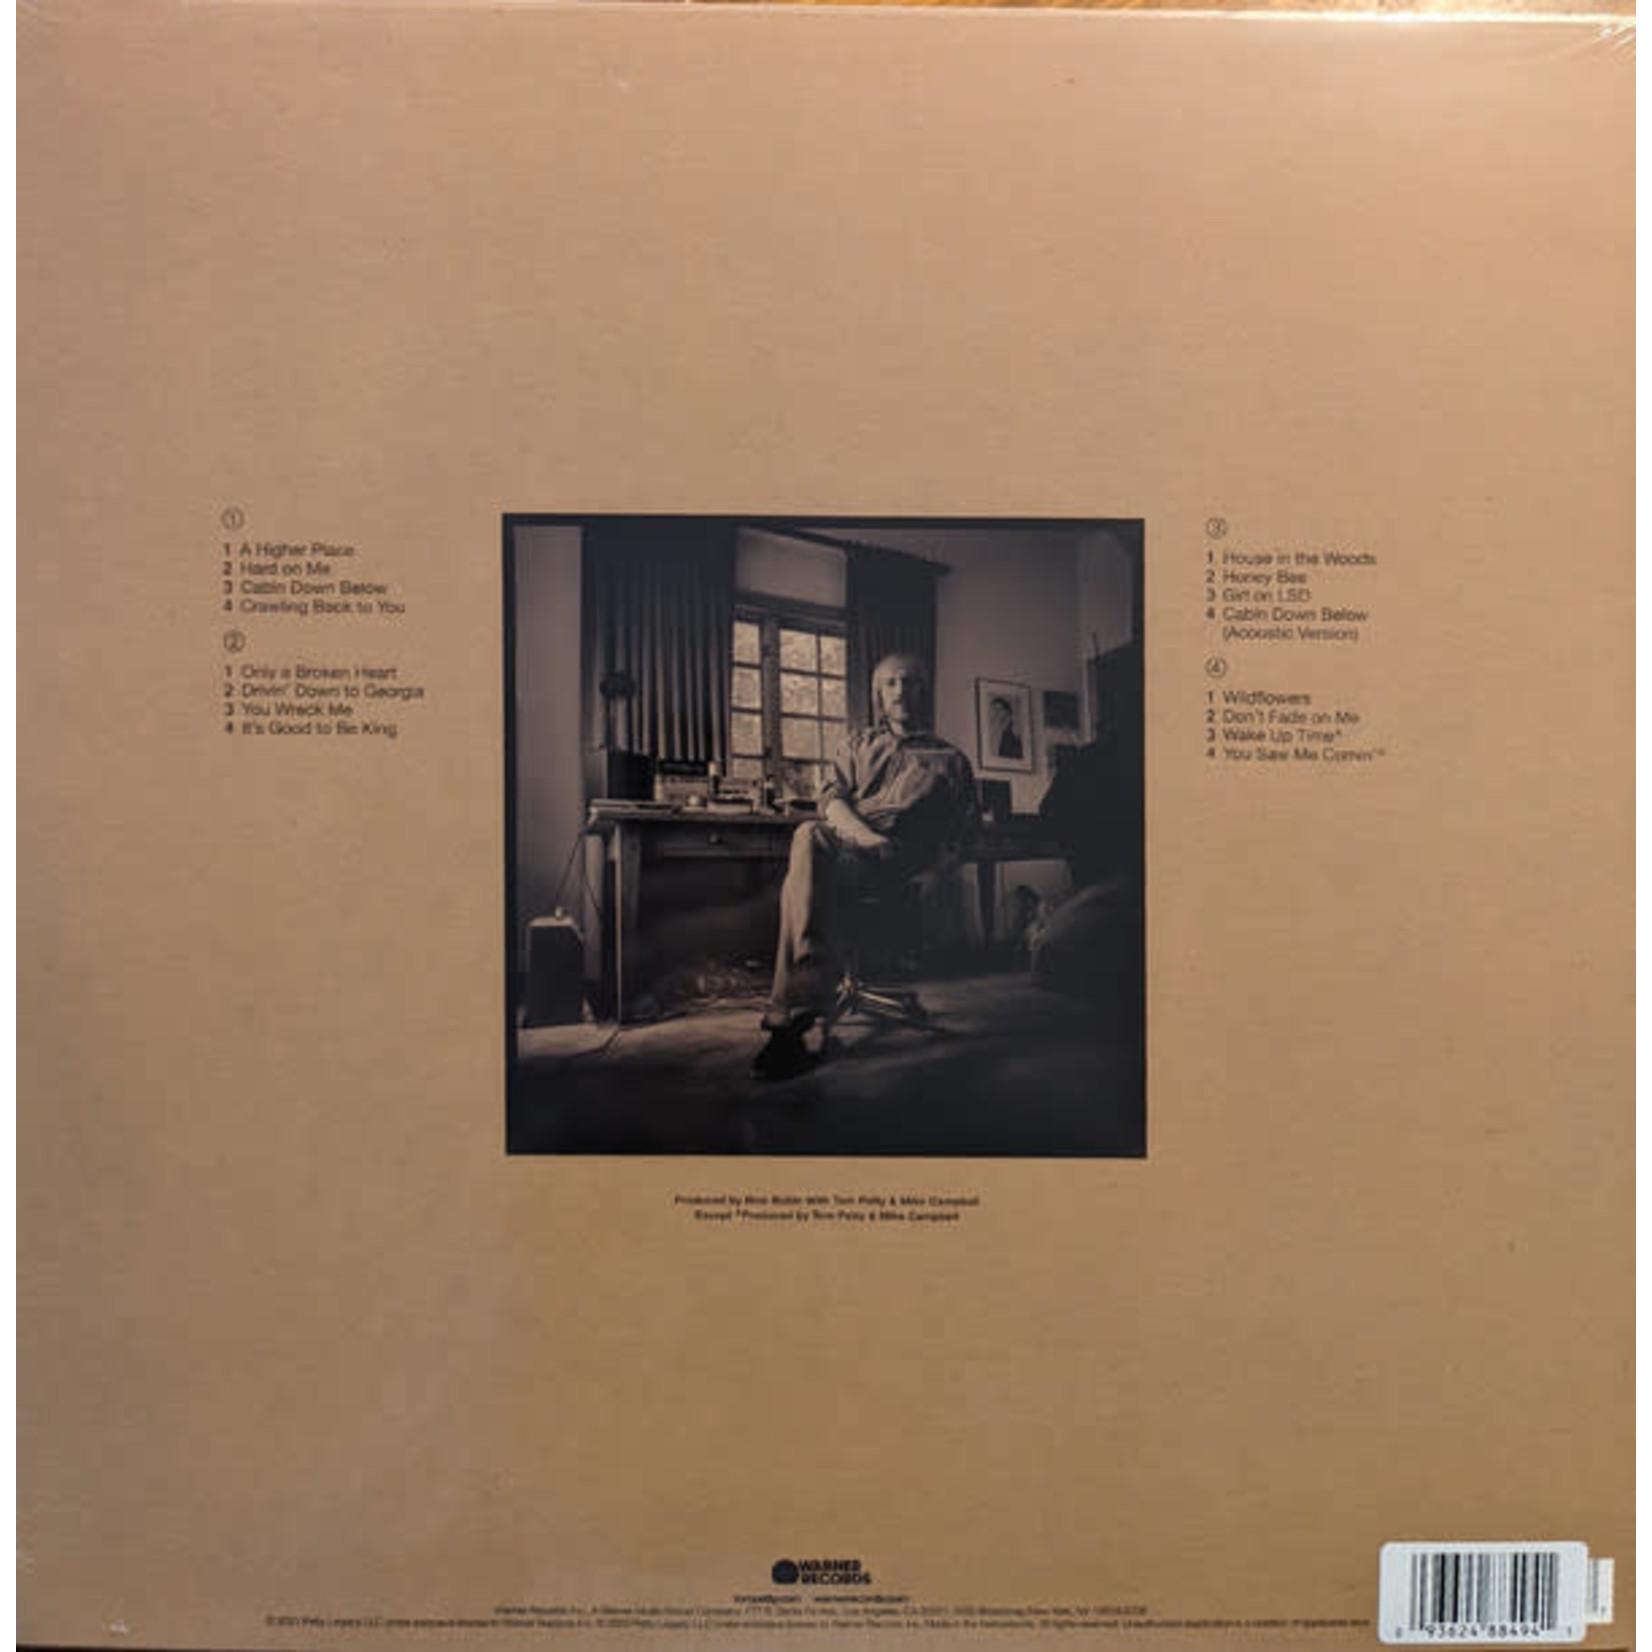 TOM PETTY FINDING WILDFLOWERS (ALTERNATE VERSIONS)  BLACK VINYL  2 LP